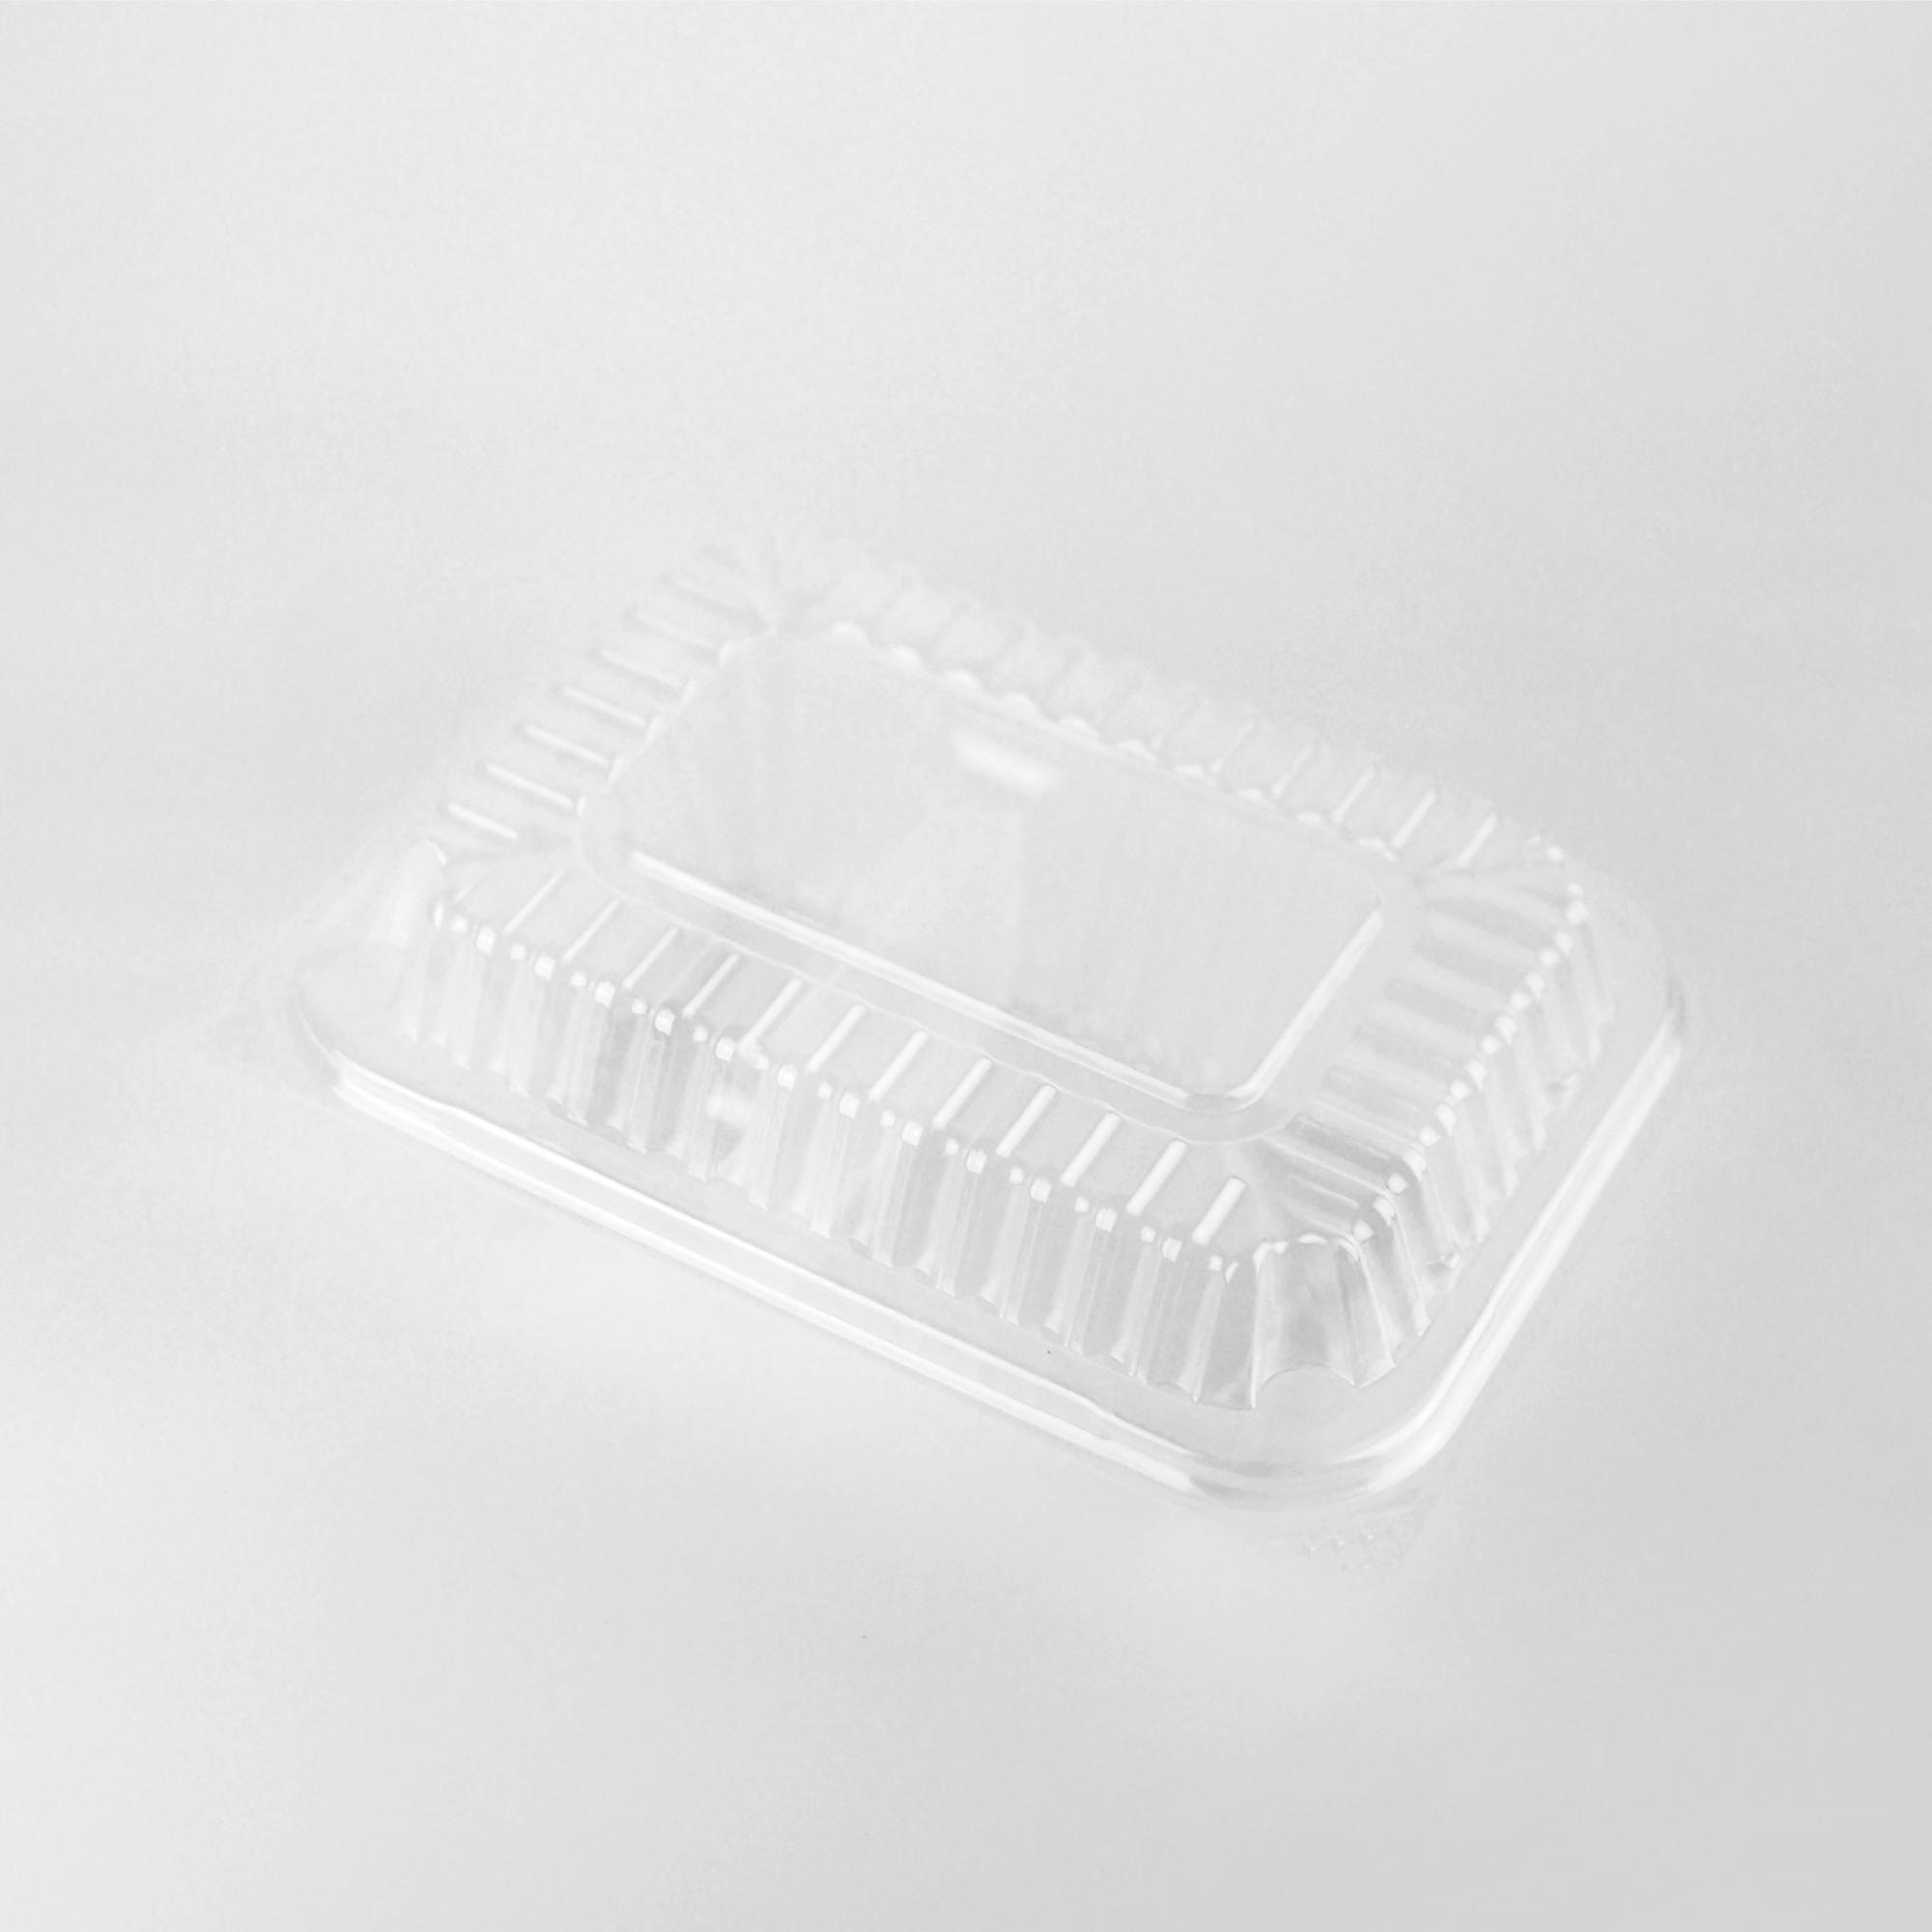 กล่องอาหารพลาสติกฝาพับ 2 ช่อง simple 600ml